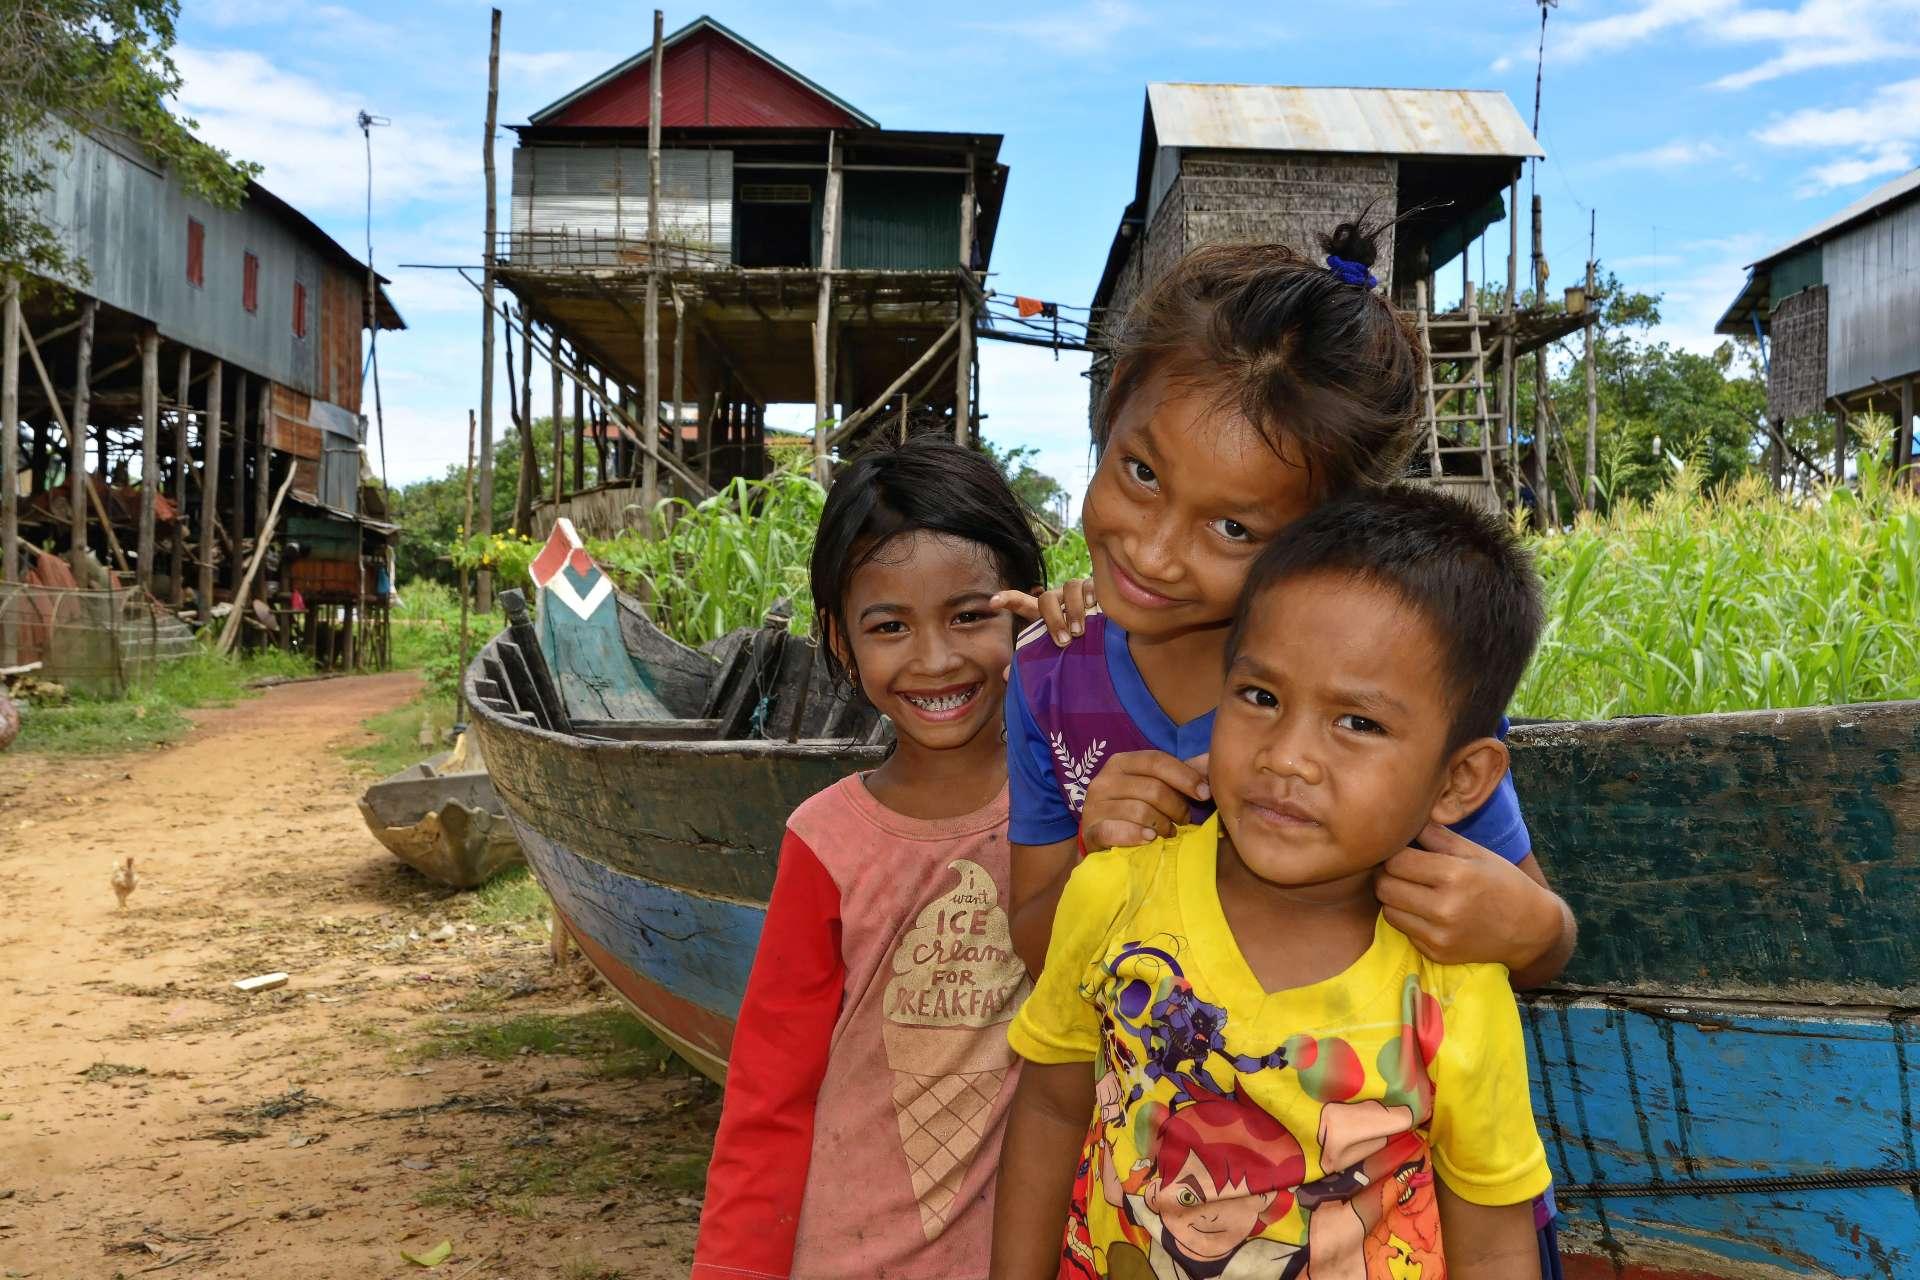 2020-10-kambodscha-laos_munding-diashows_006